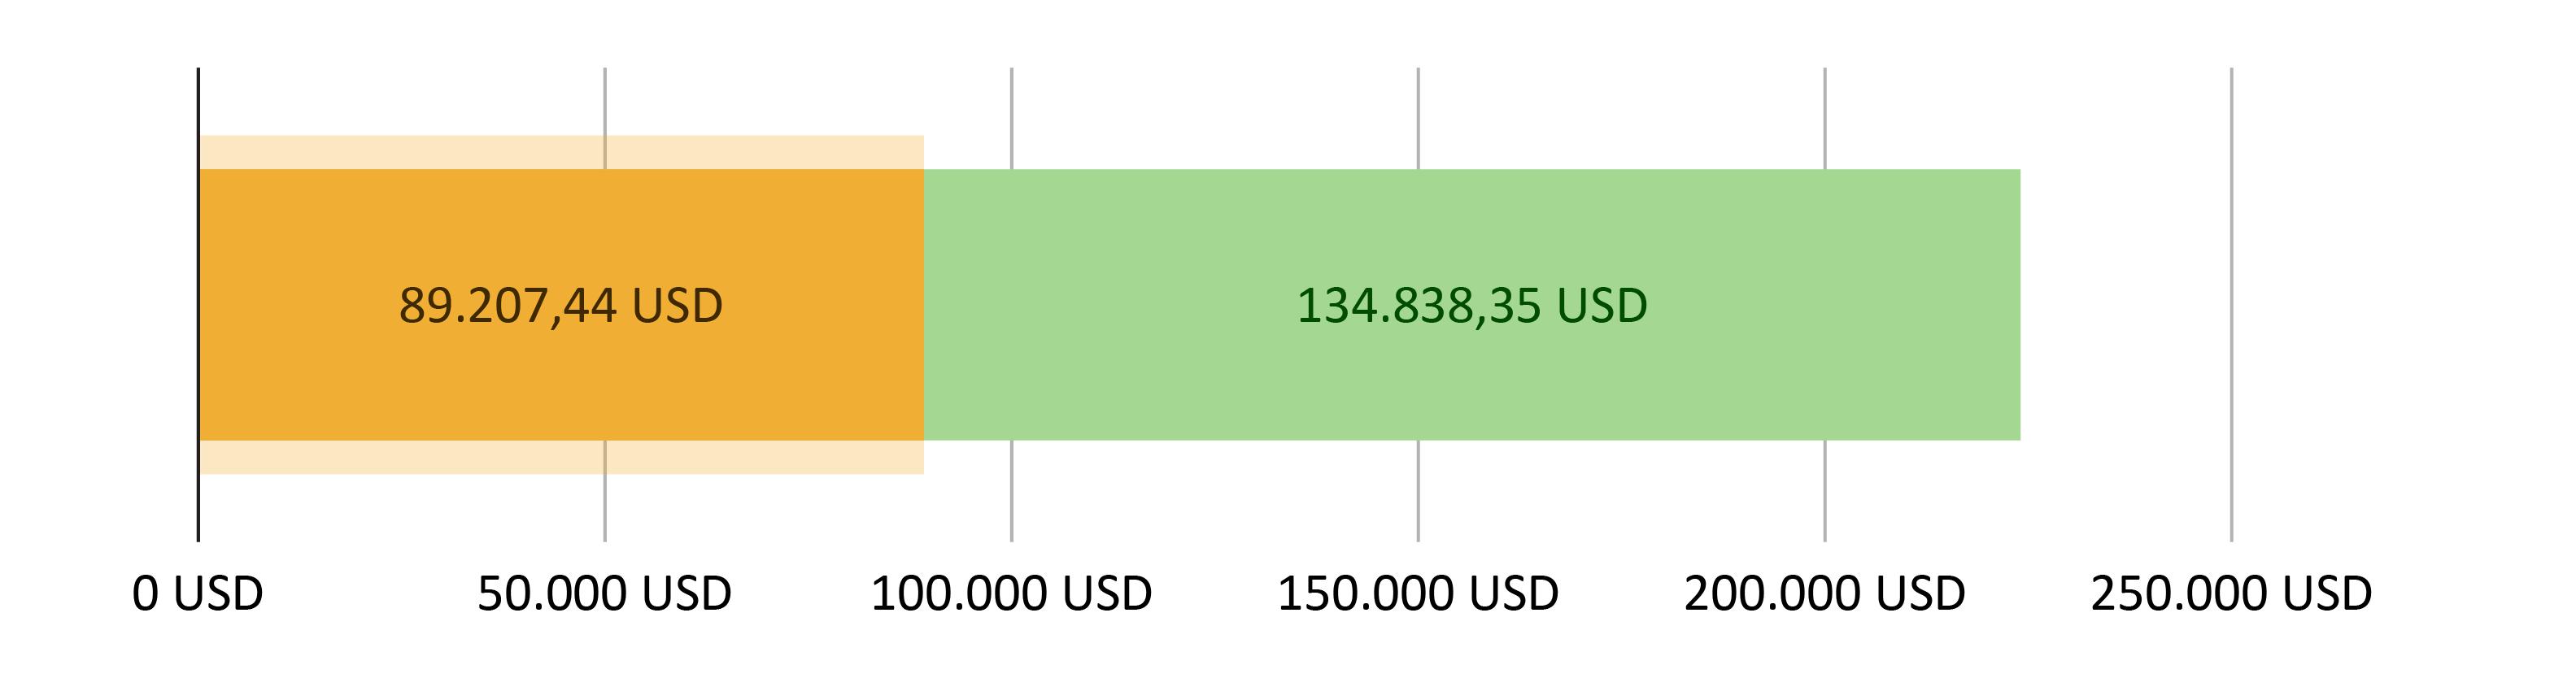 Elköltött összeg 89,207.44 USD; fennmaradó összeg 134,838.35 USD.